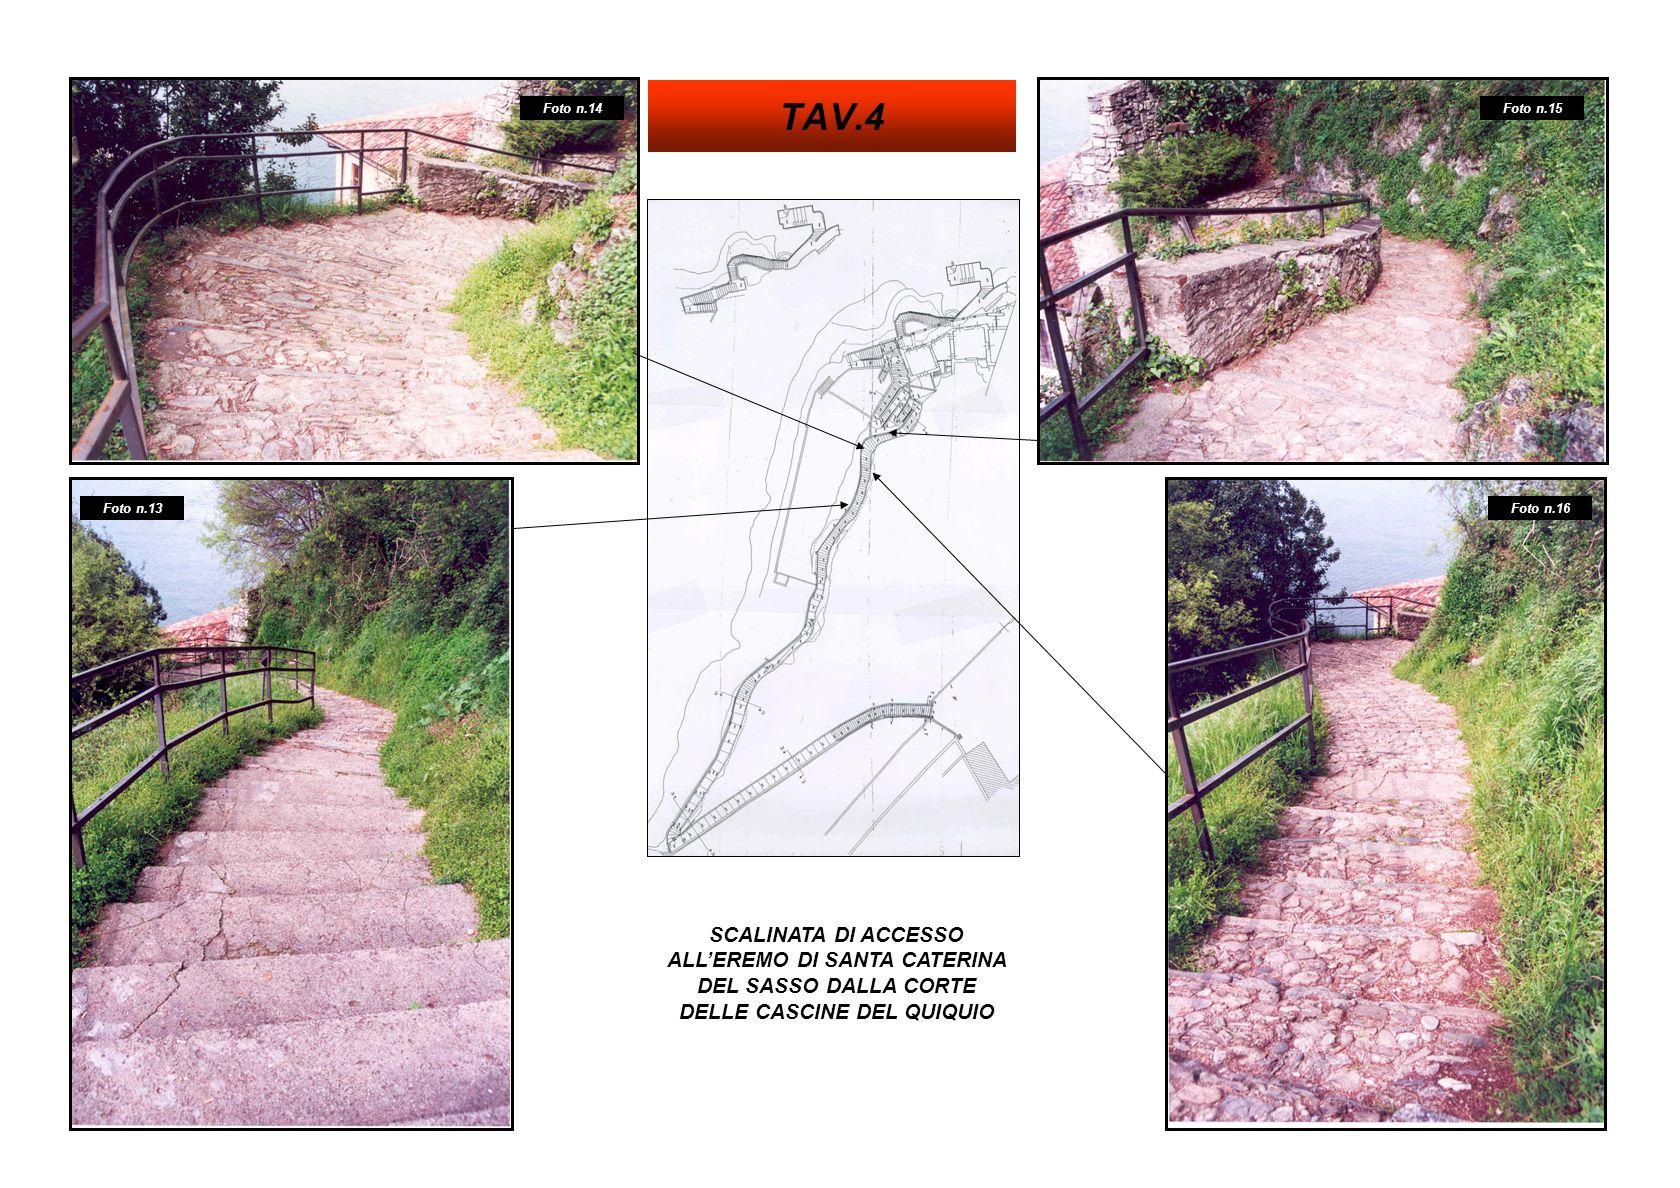 SCALINATA DI ACCESSO ALLEREMO DI SANTA CATERINA DEL SASSO DALLA CORTE DELLE CASCINE DEL QUIQUIO Foto n.19 Foto n.18 Foto n.17 TAV.5 Foto n.20